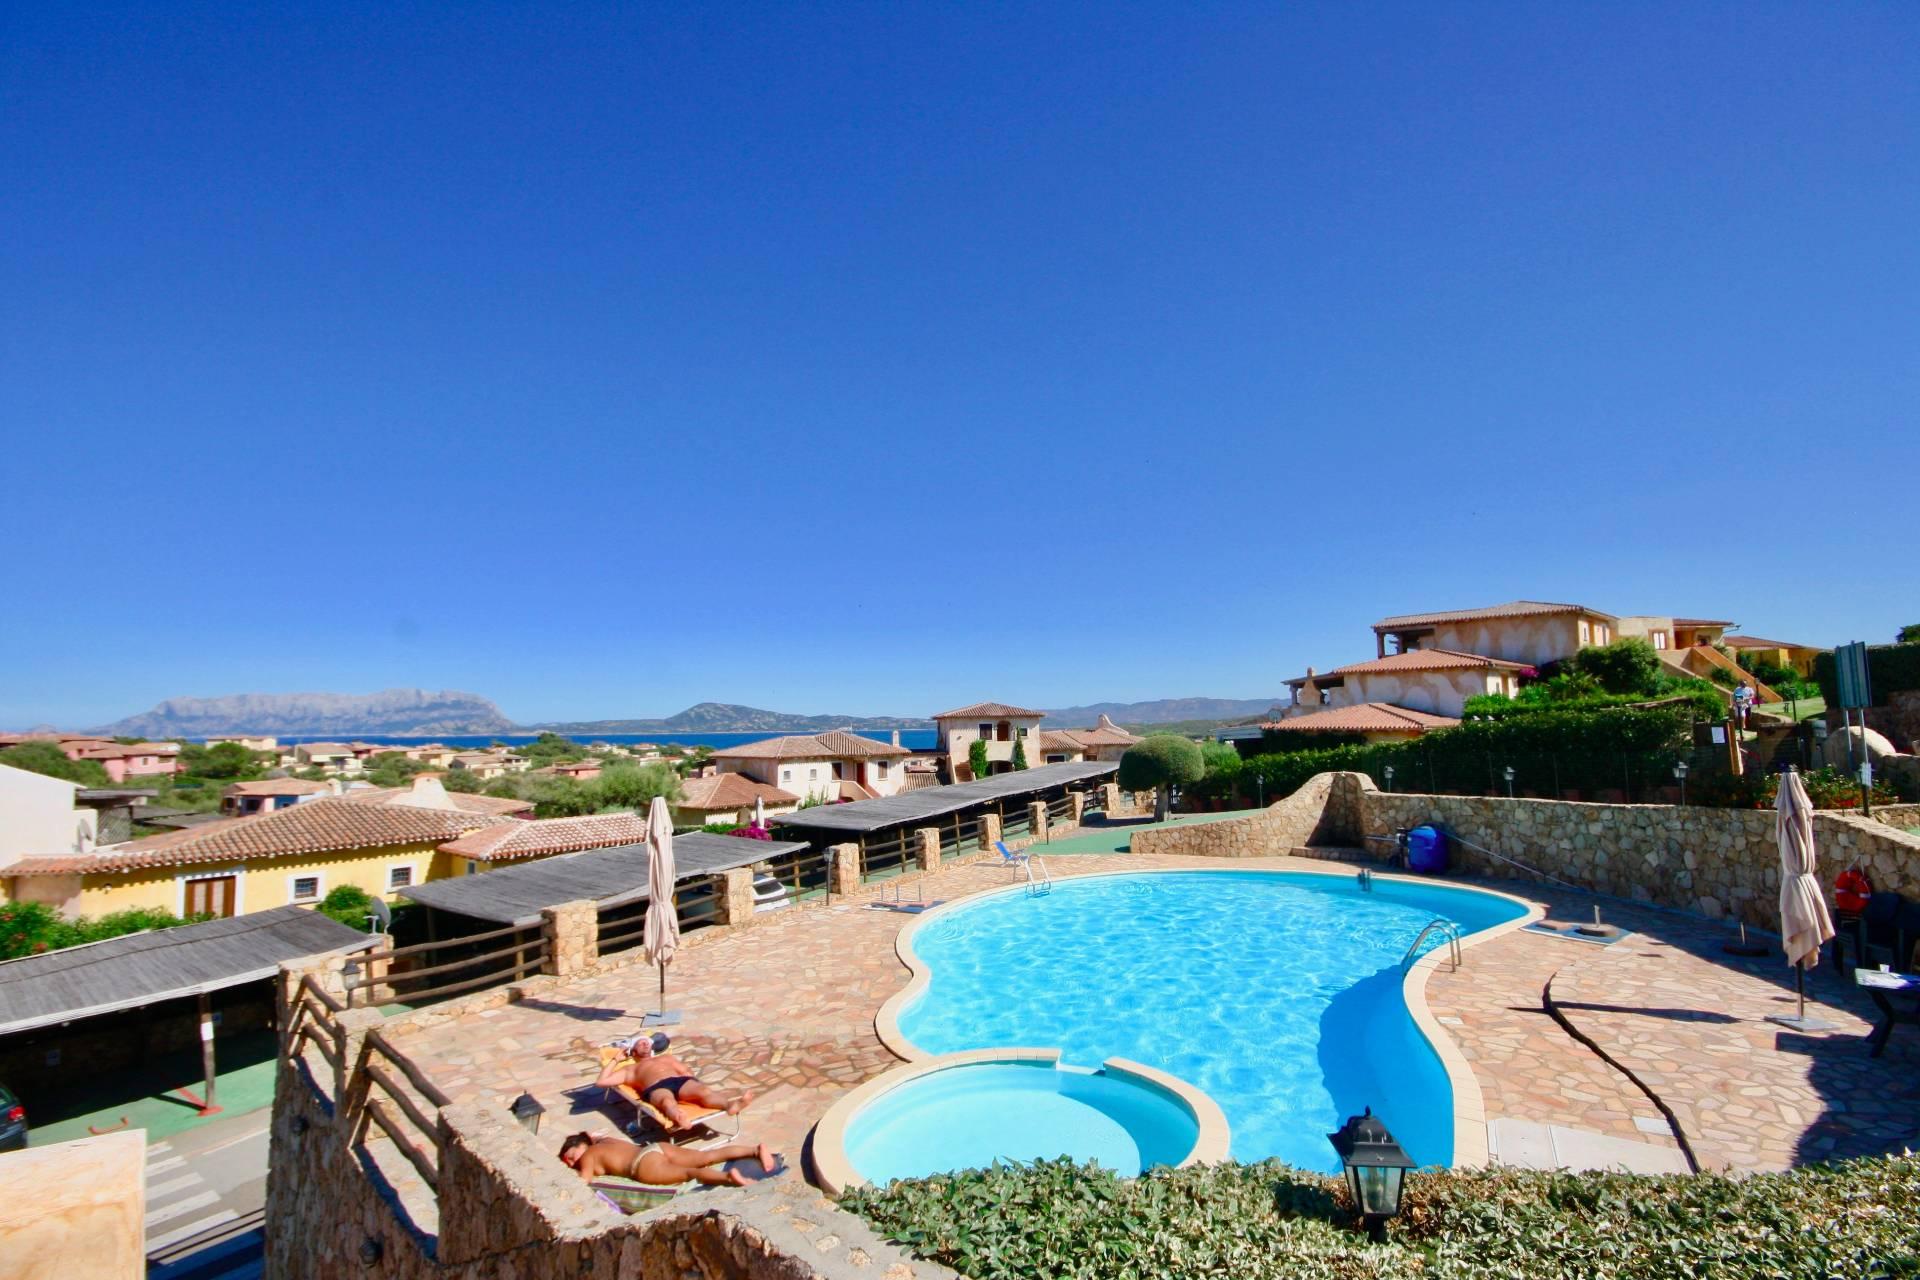 Appartamento in vendita a Olbia - Porto Rotondo, 3 locali, zona Zona: Pittulongu, prezzo € 170.000 | CambioCasa.it